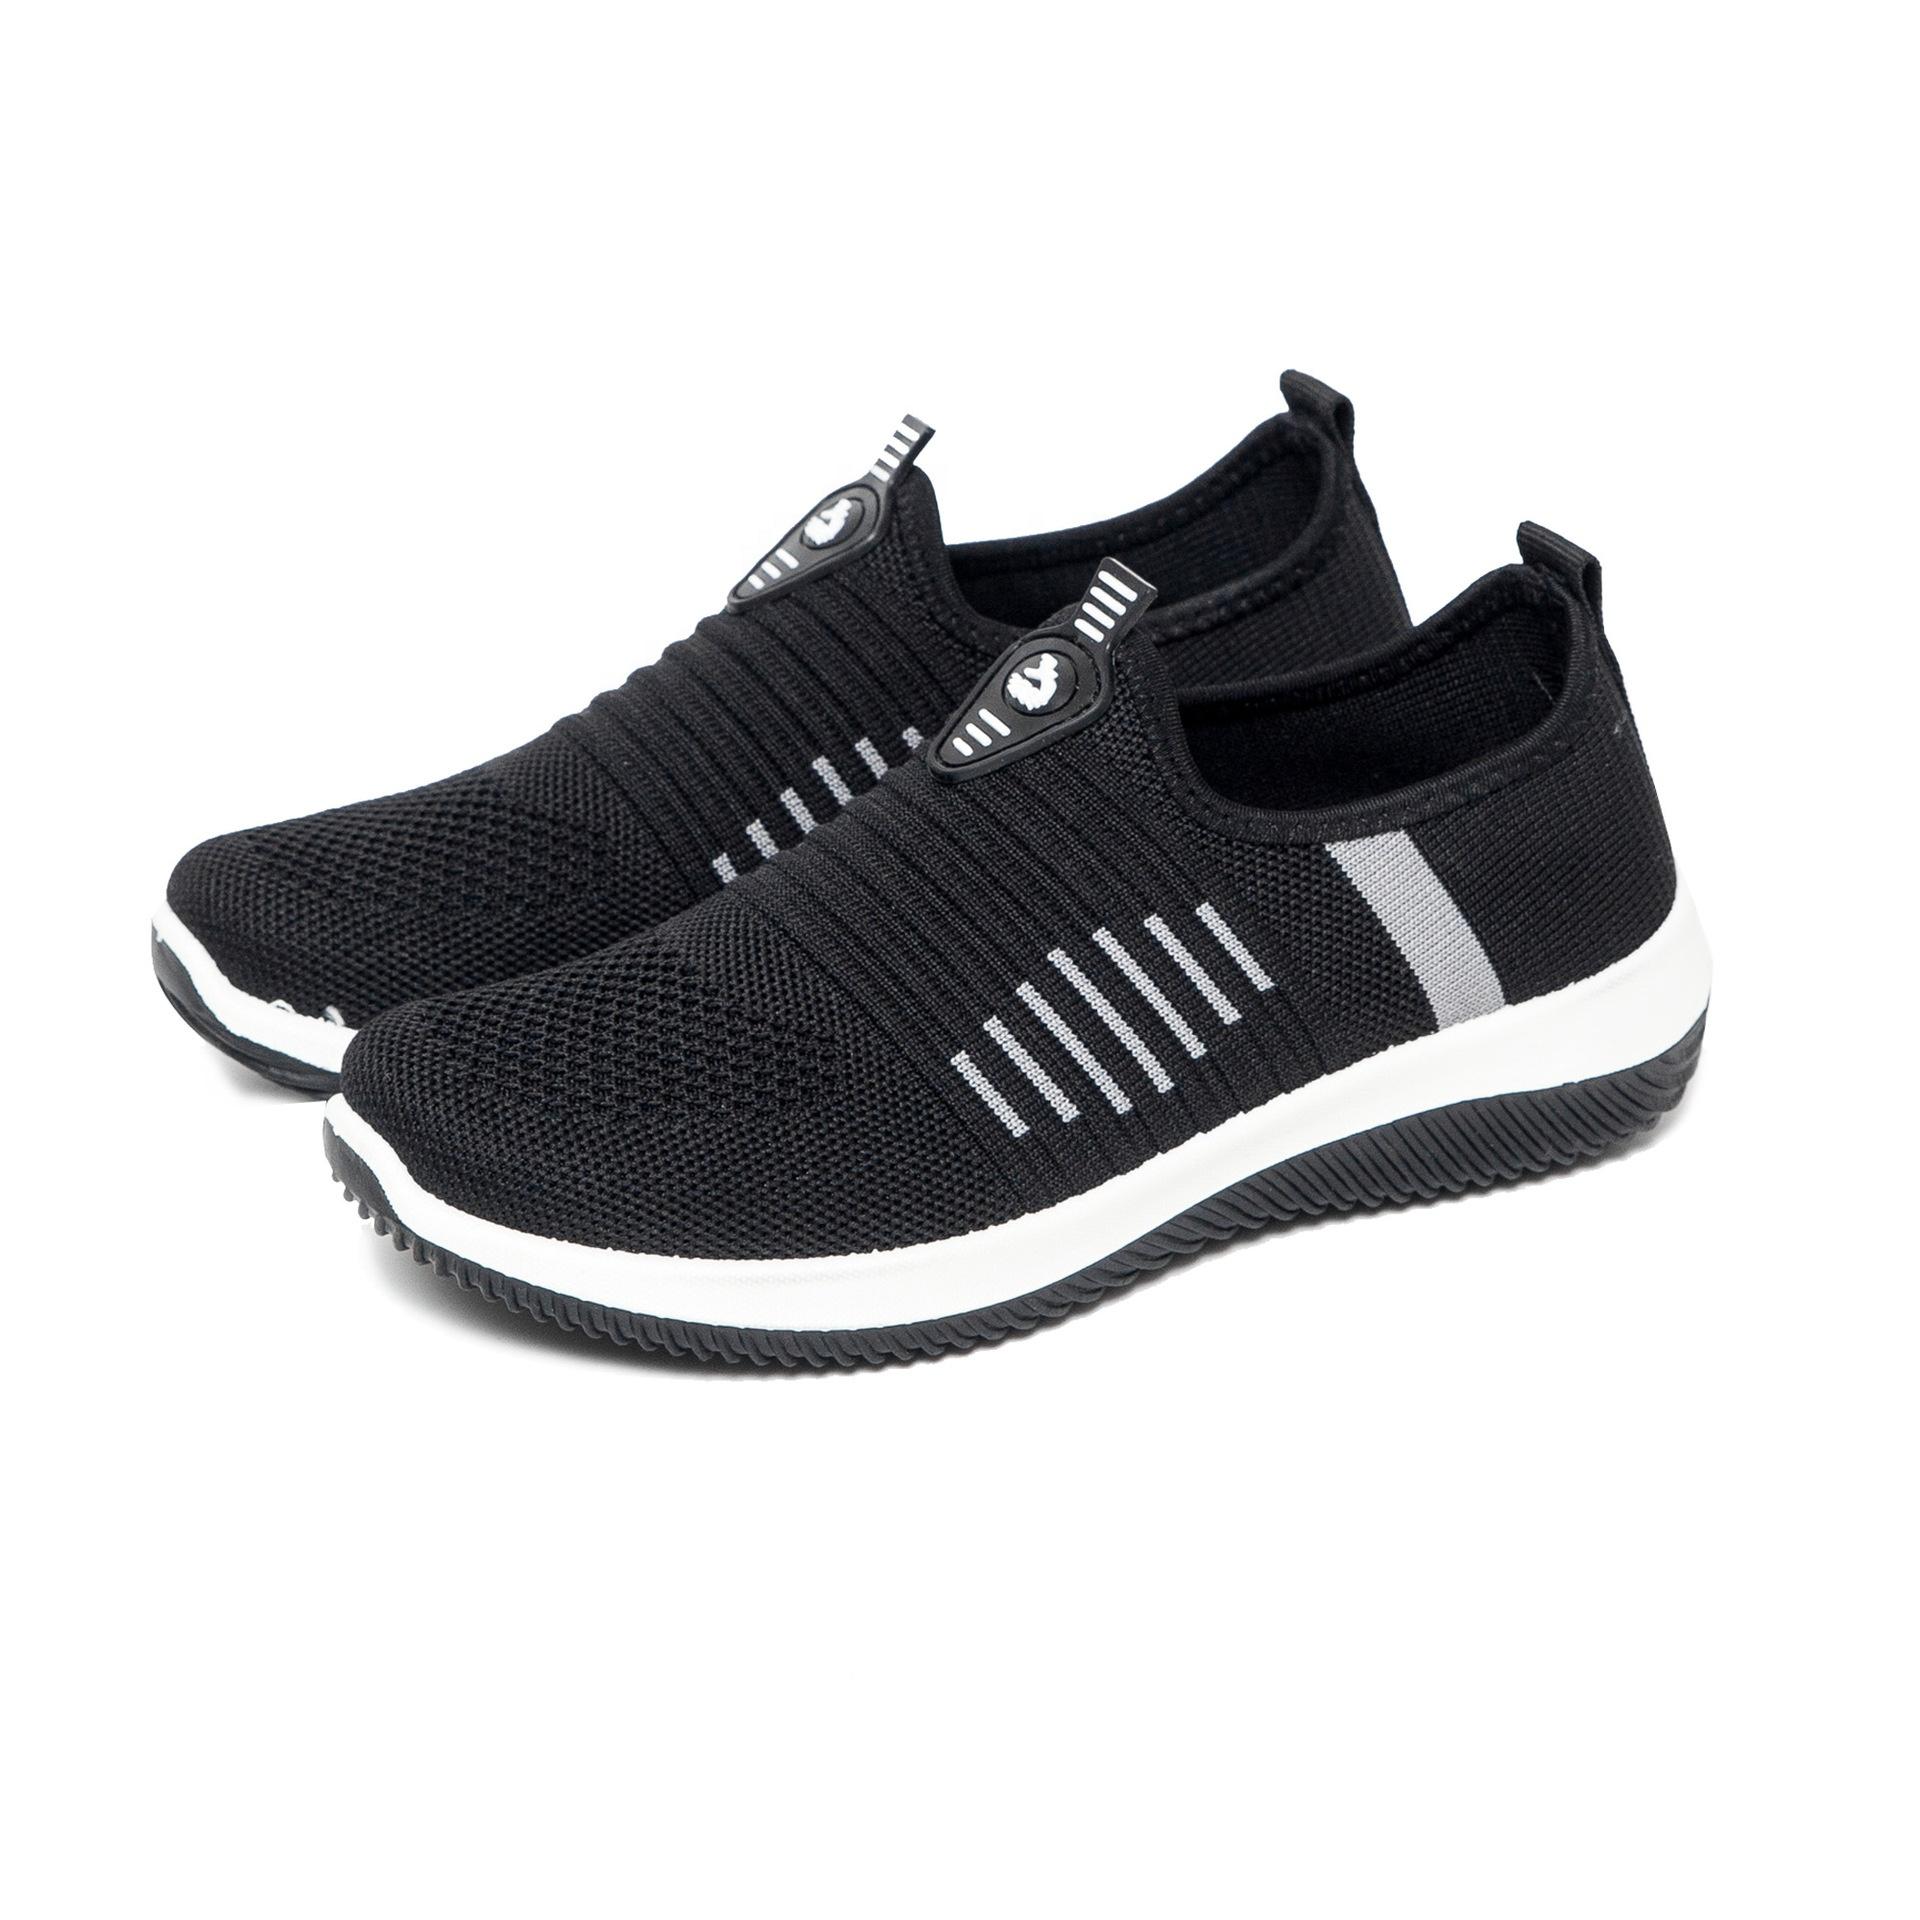 78403309f Venta al por mayor zapatos dama importados-Compre online los mejores ...